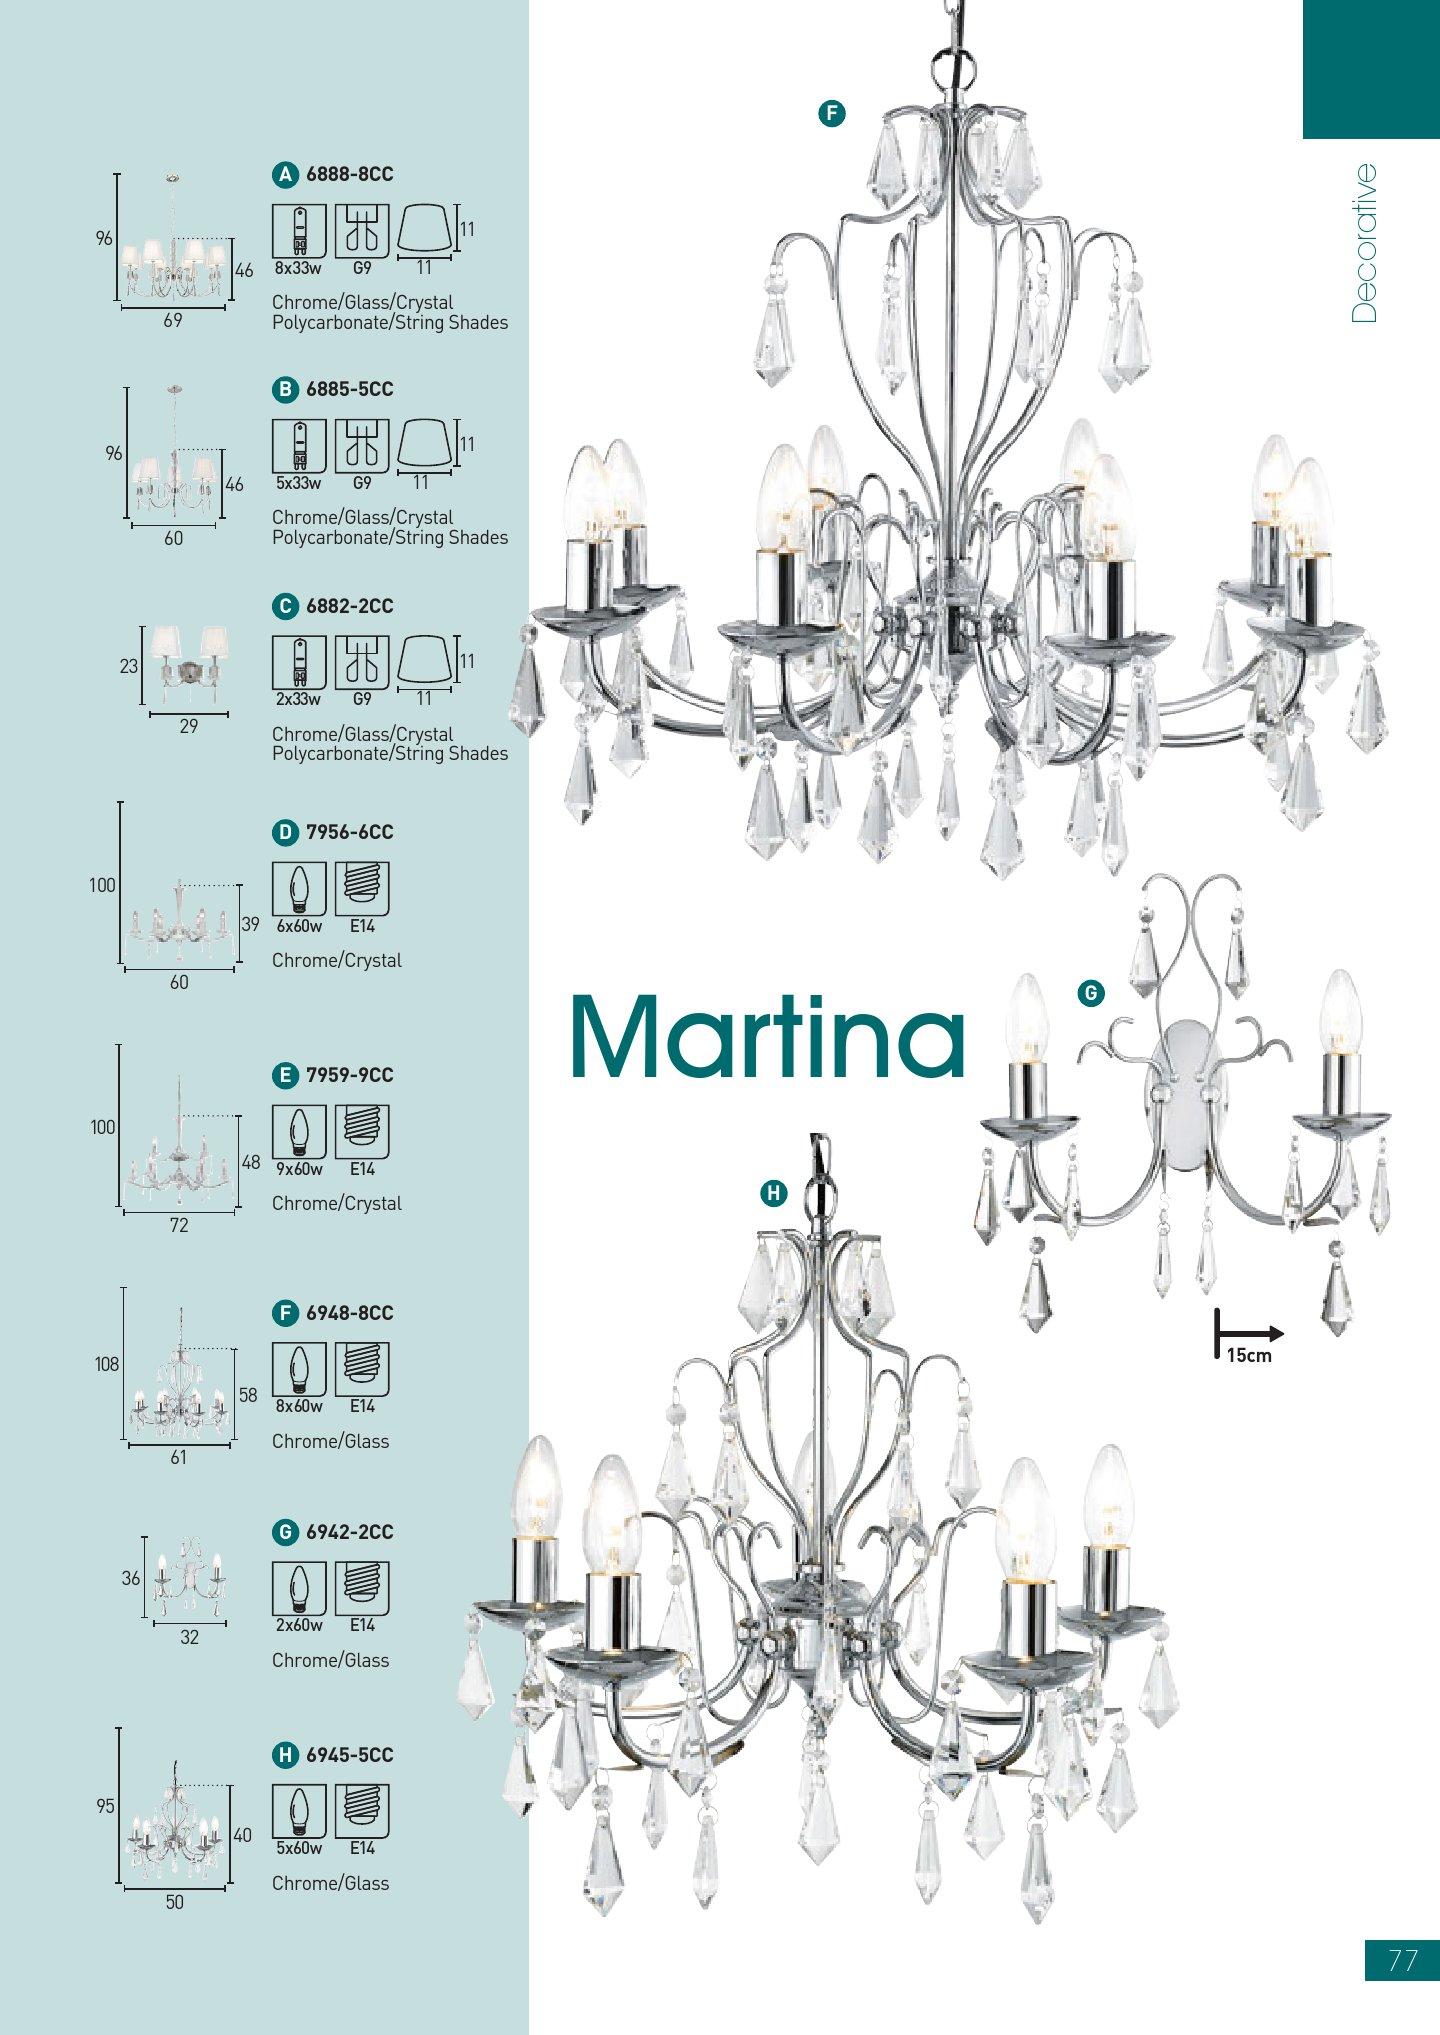 Martina 6945 5CC Chrome